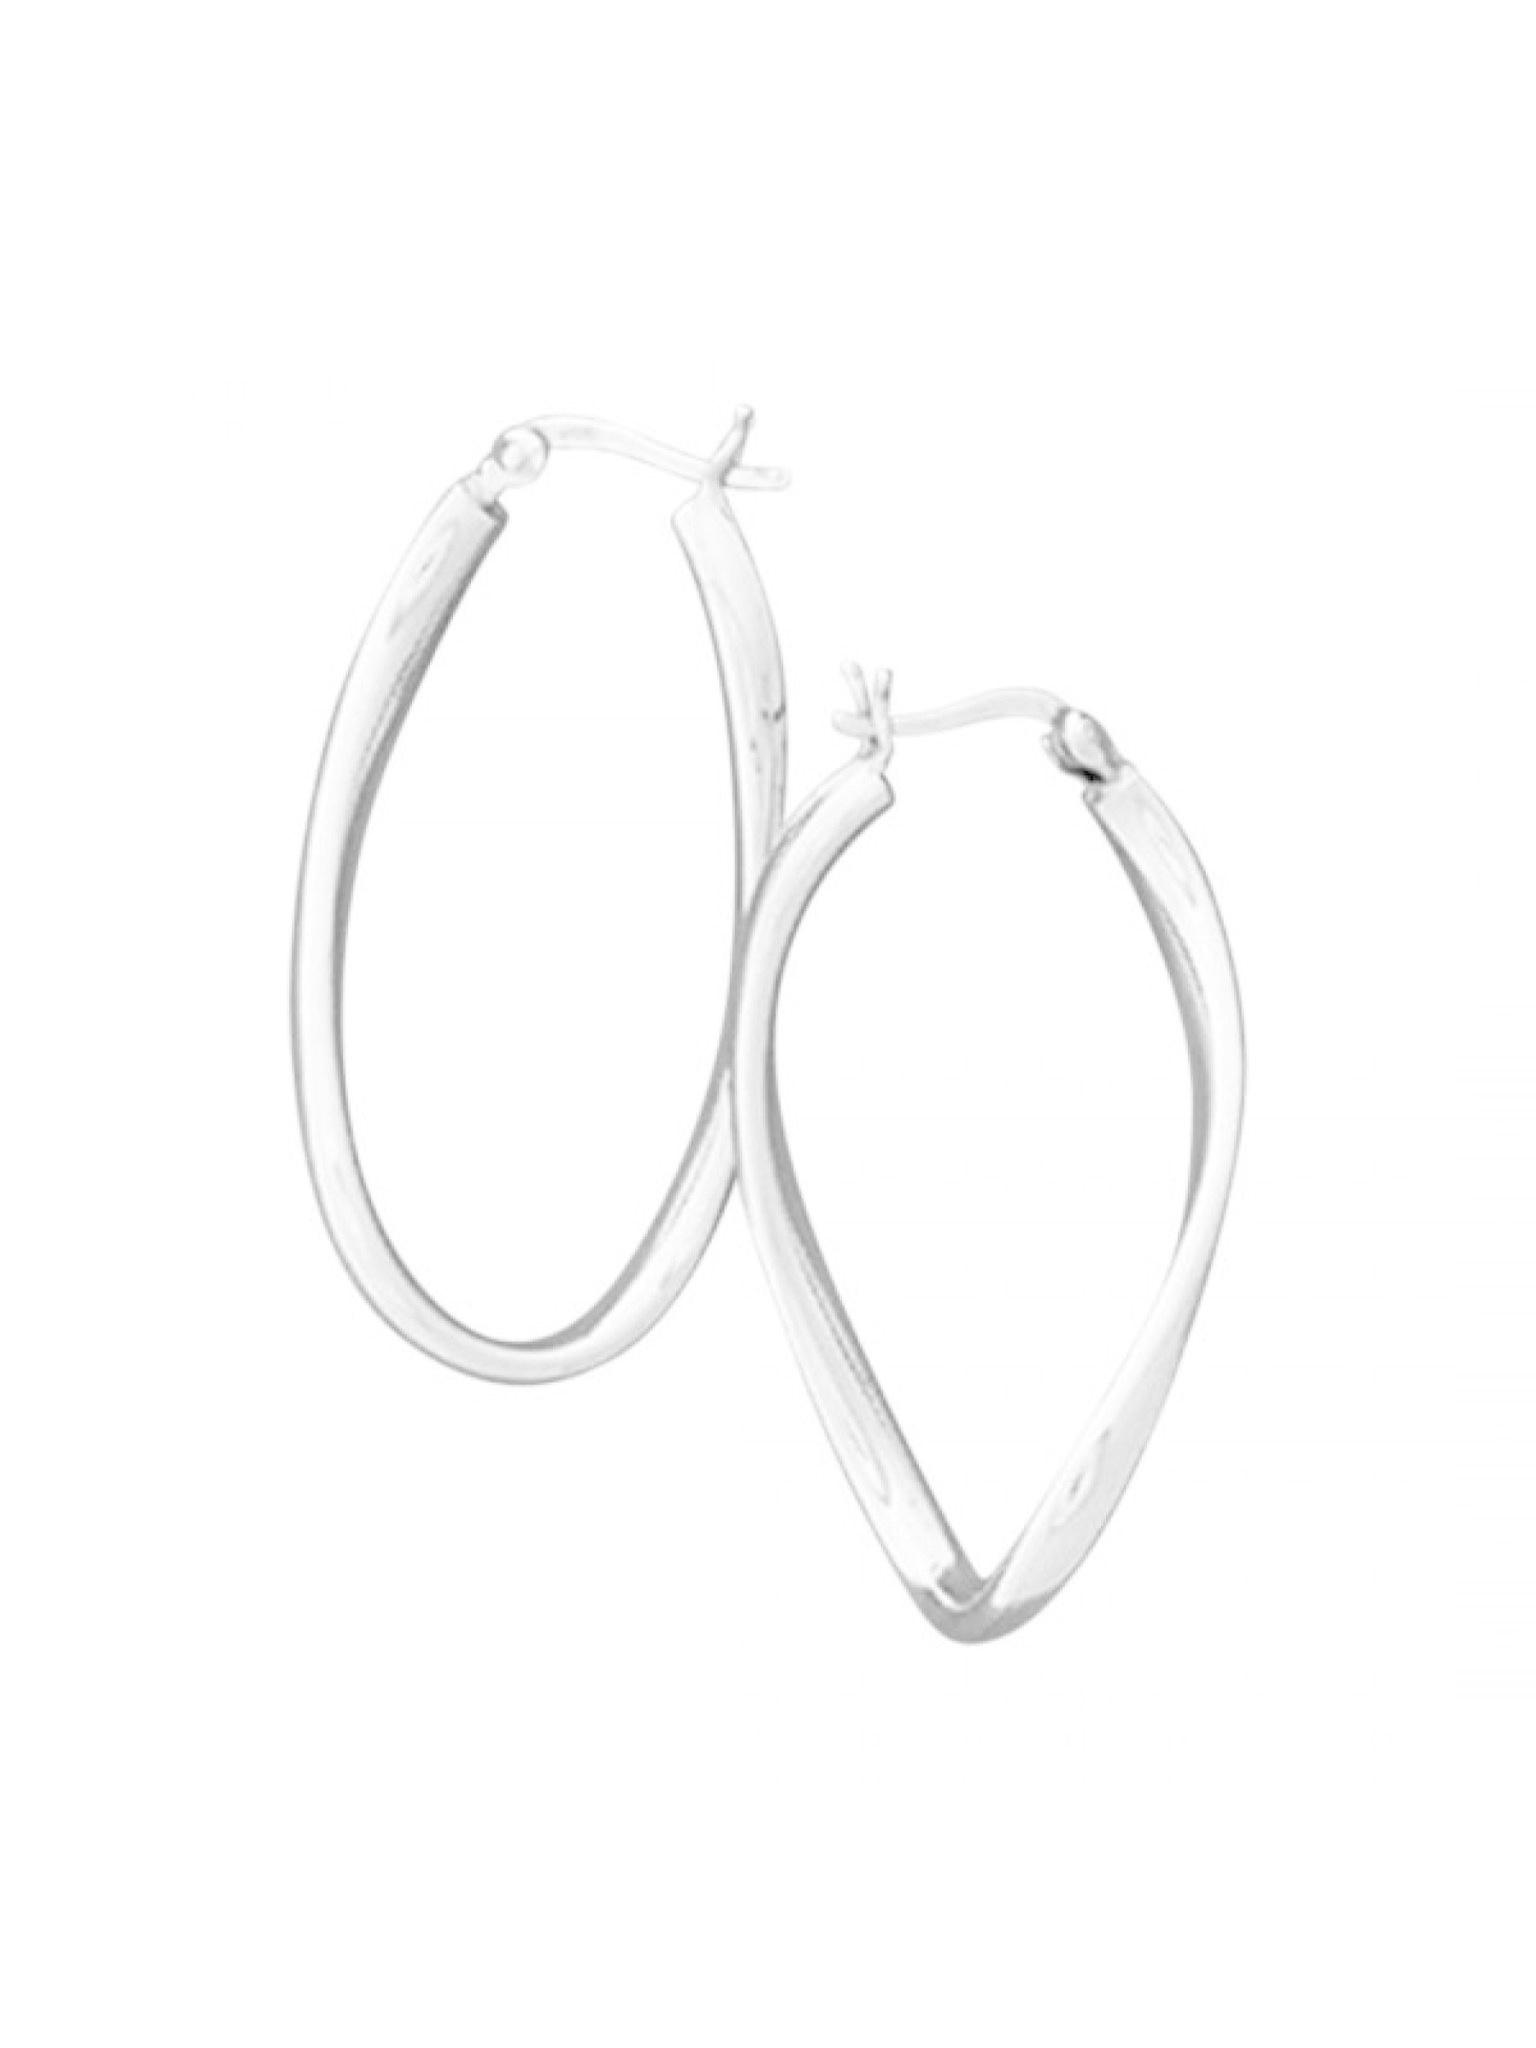 Acomo Jewelry Shiny Oval Shaped 21x40mm Hoop Earring